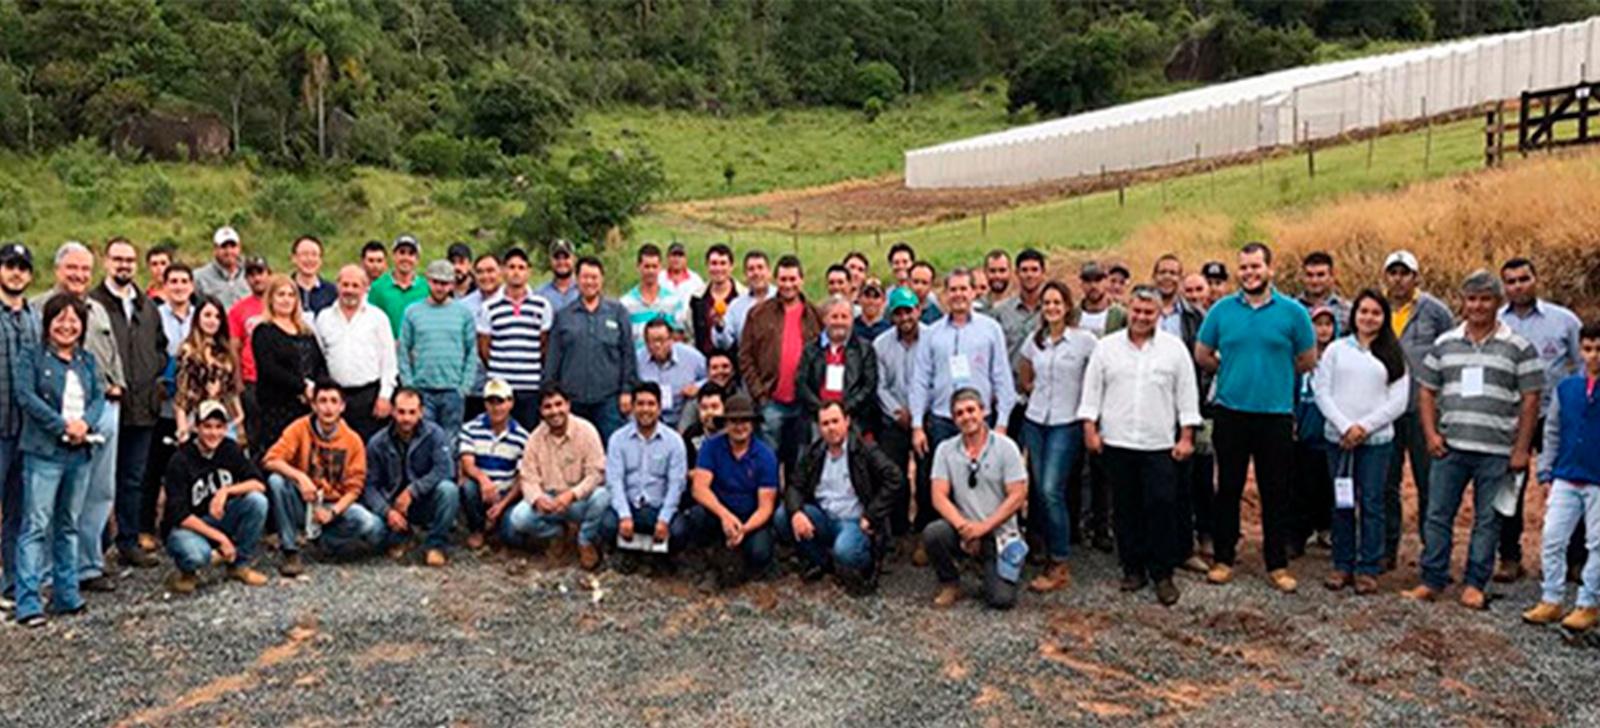 promip manejo integrado de pragas controle biologico caminhos para uma agricultura mais sustentavel e segura (2)